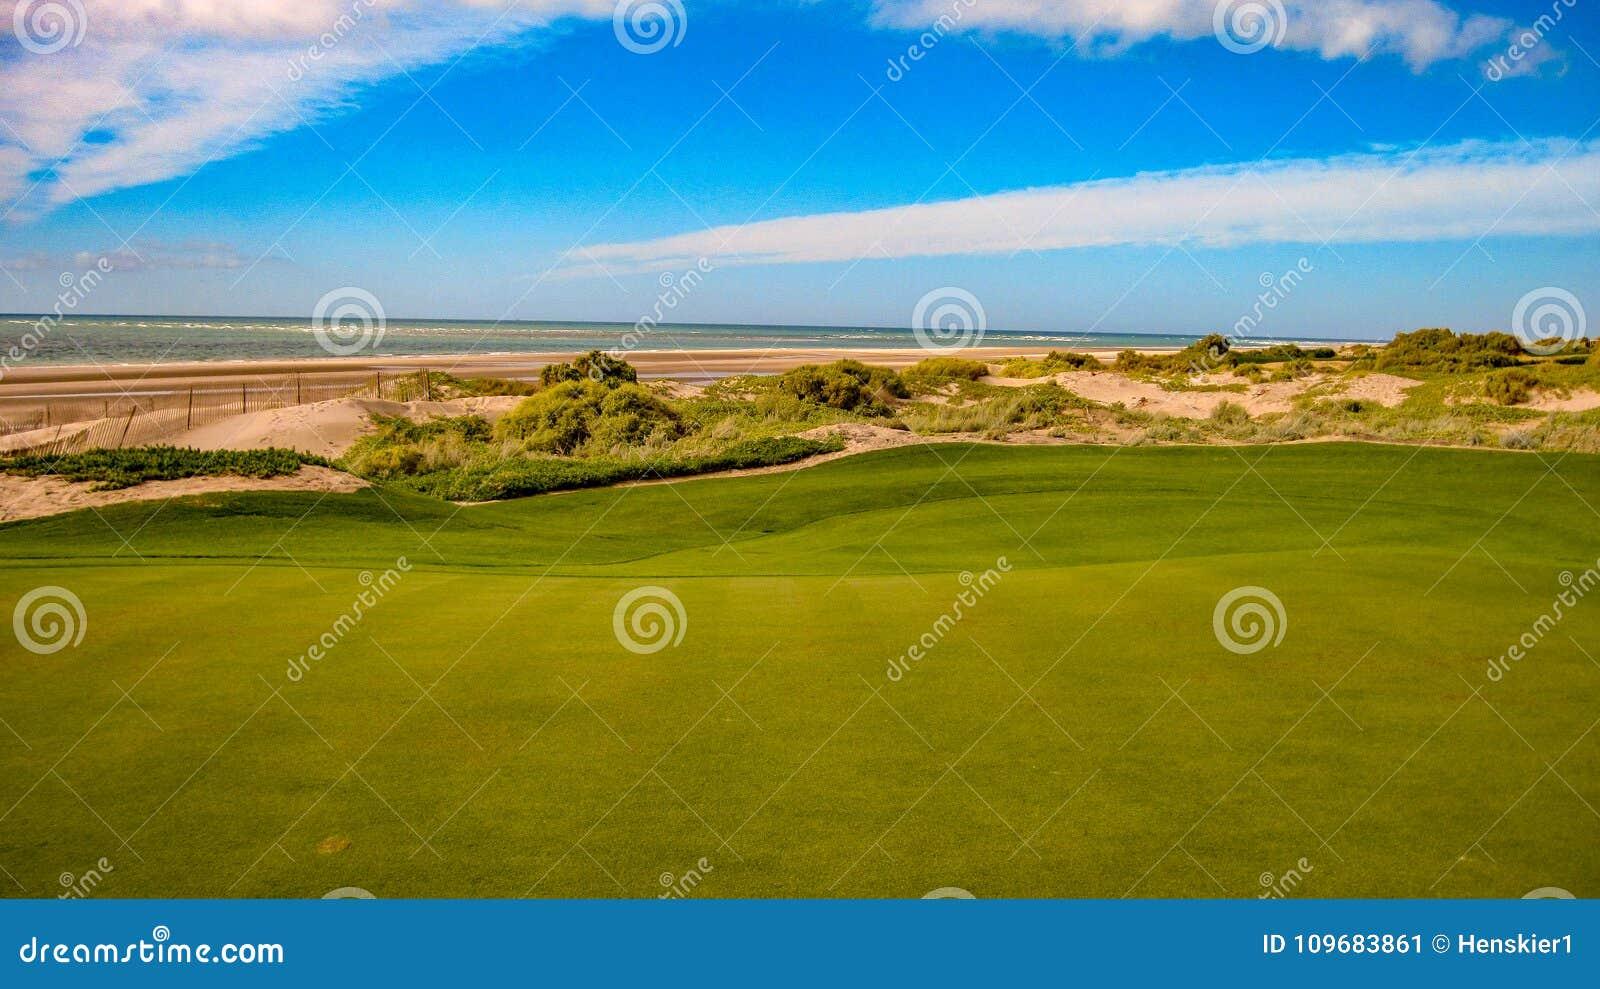 Golfing At Vidanta Golf Course At The Mayan